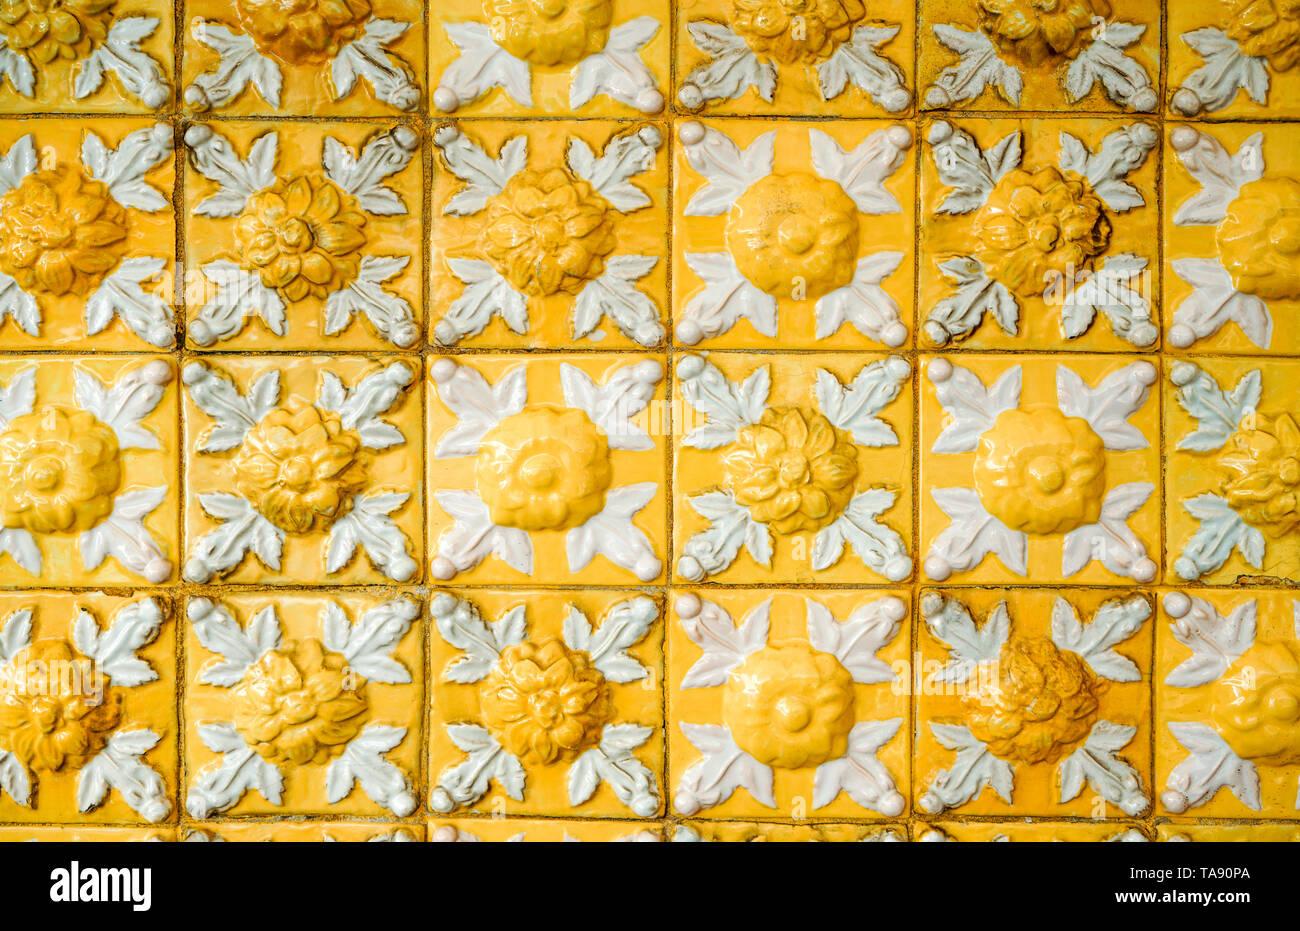 Exterior: Portuguese Glazed Tiles Stock Photos & Portuguese Glazed